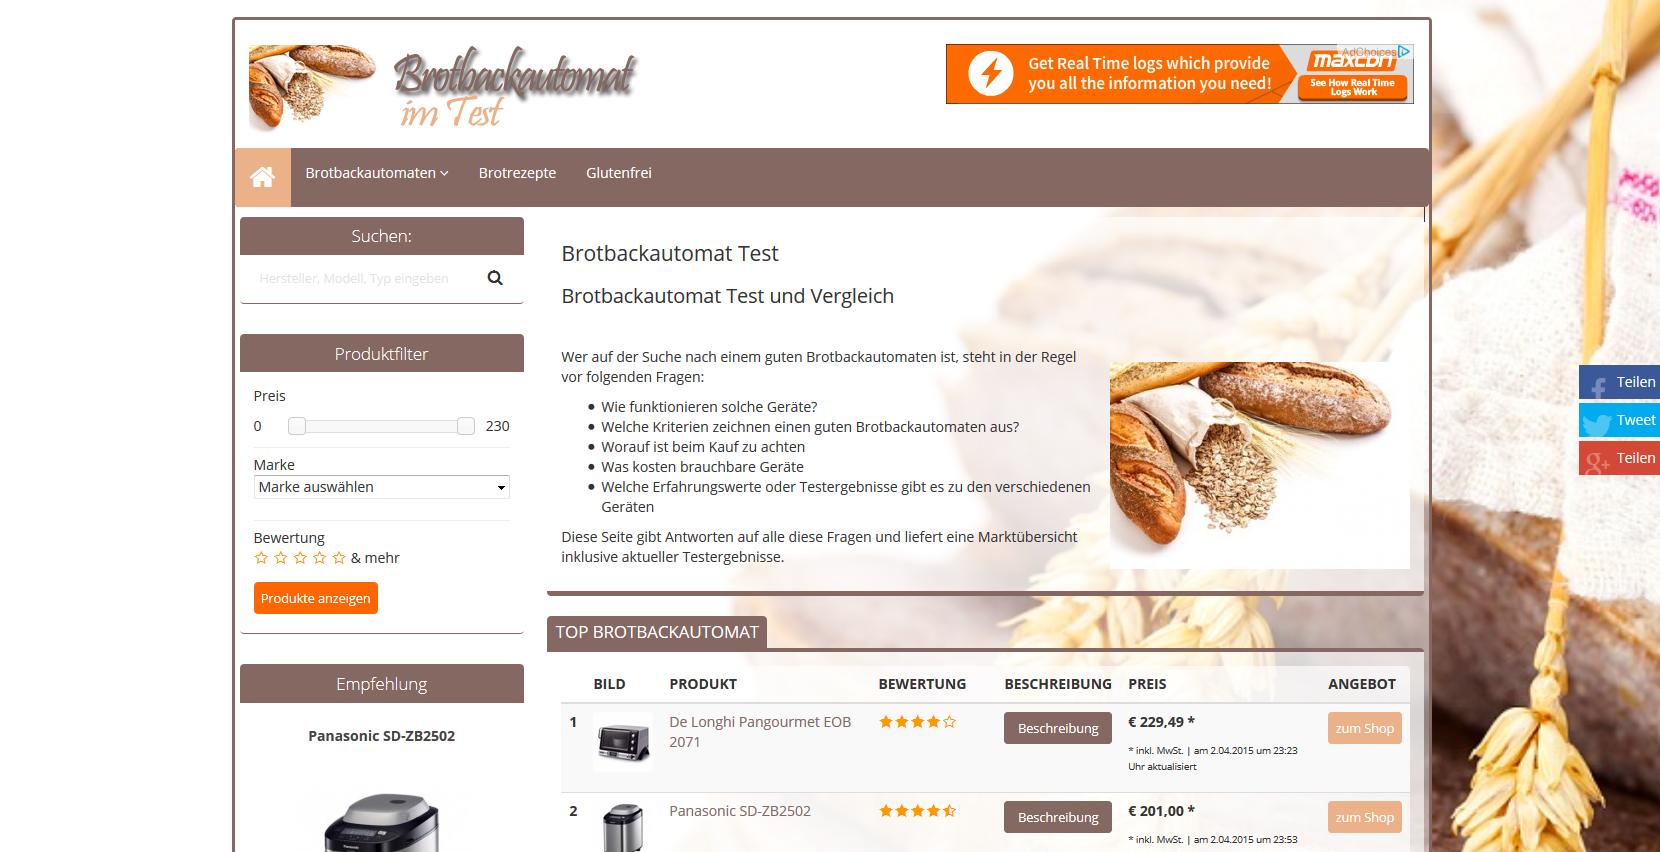 Brotbackautomat_1